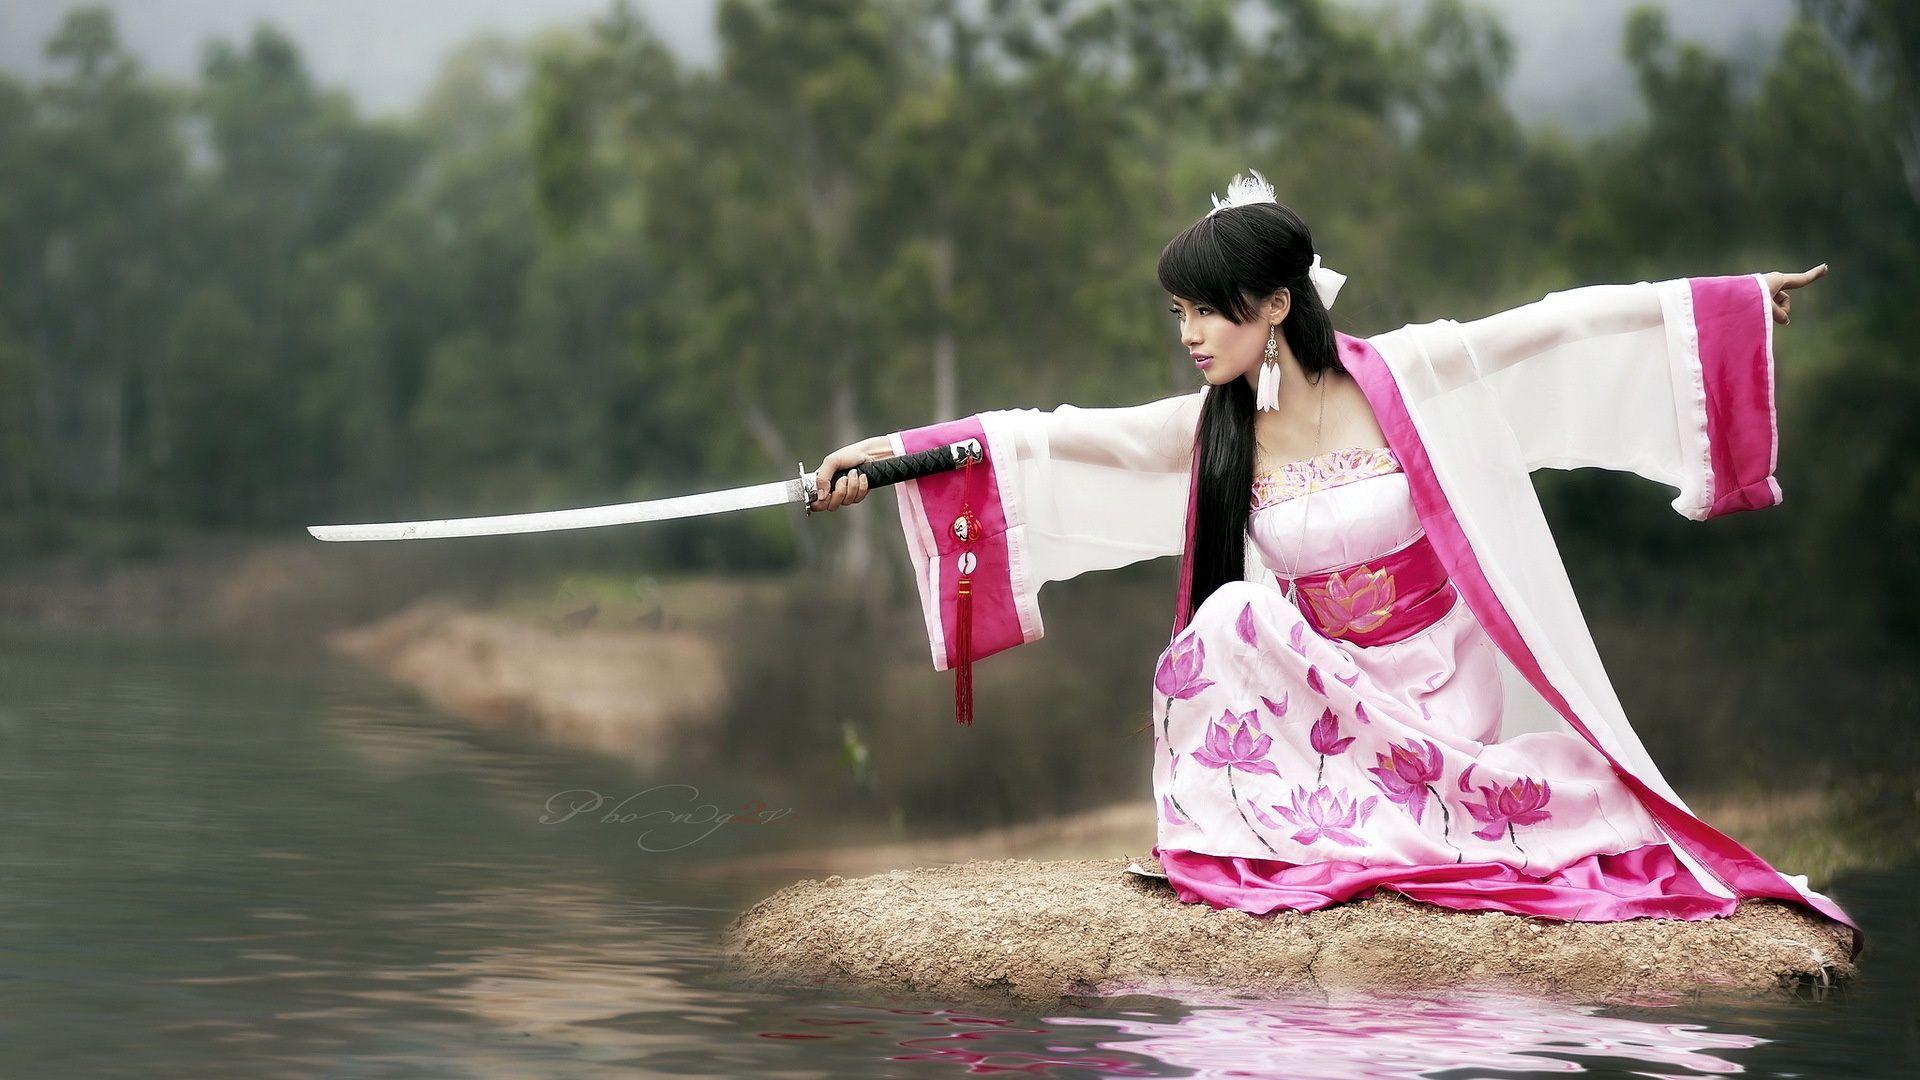 Risultati immagini per samurai girl gif